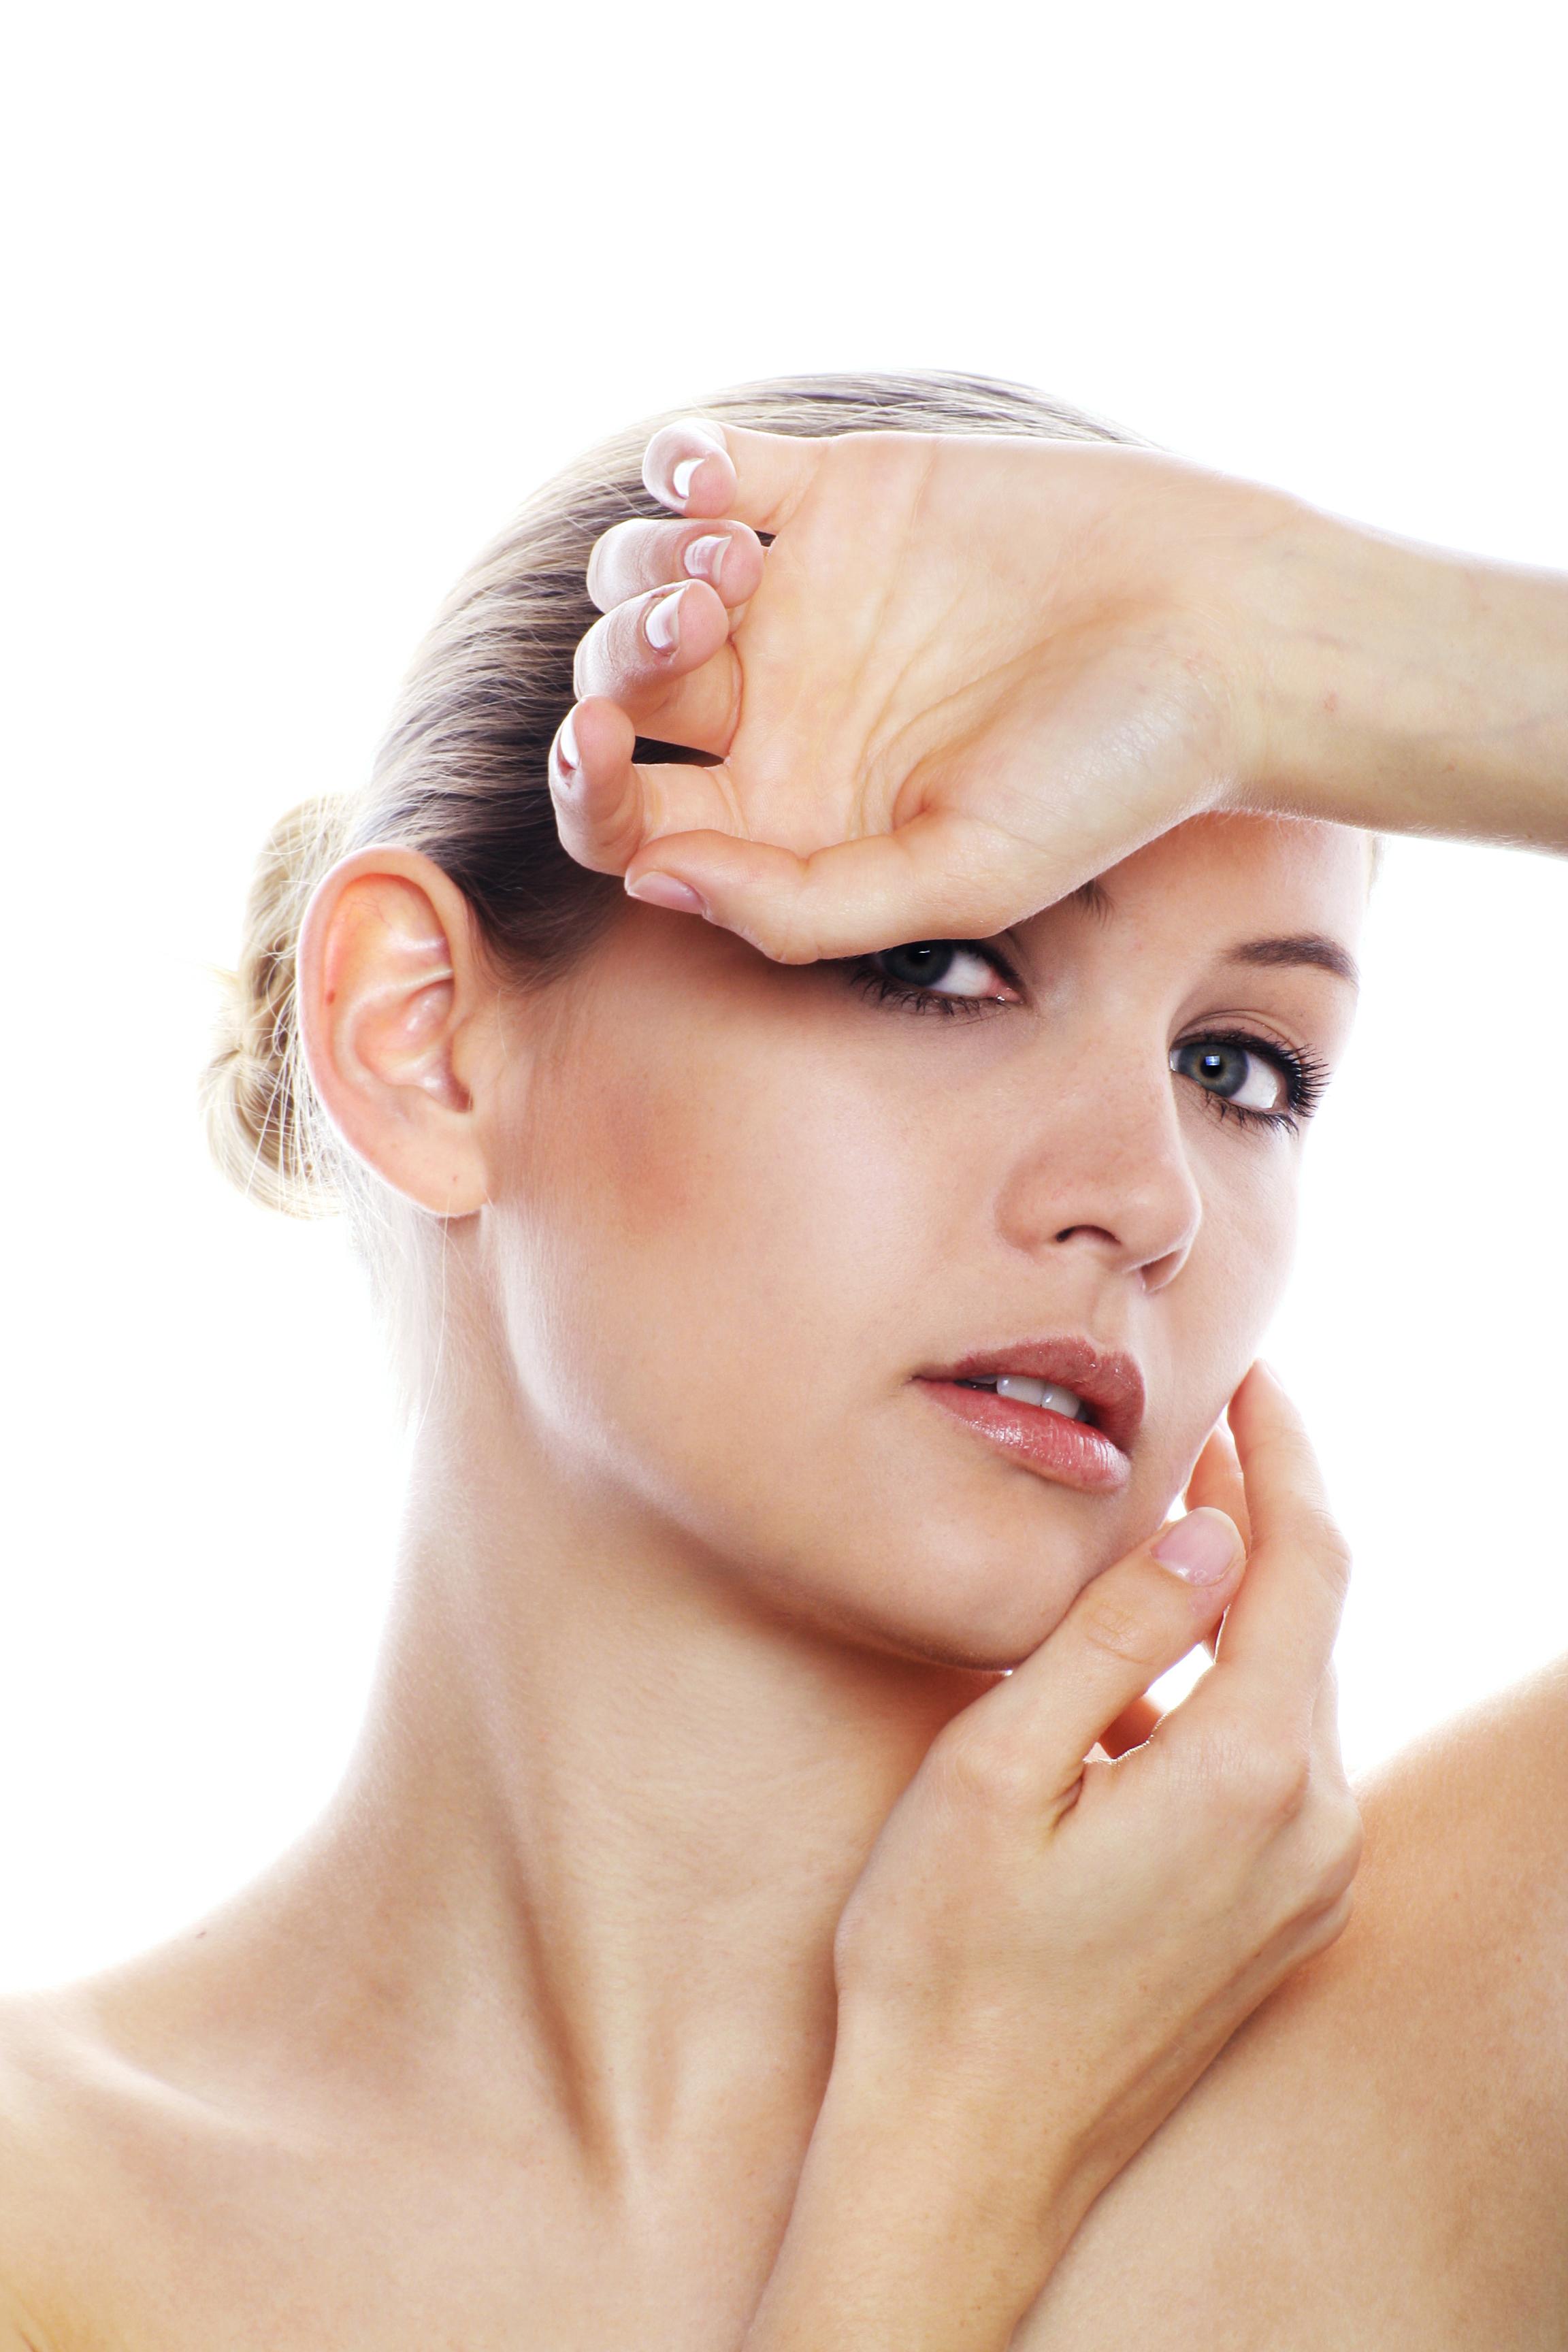 Behandlungsmethoden wie Botox oder Hyaluron